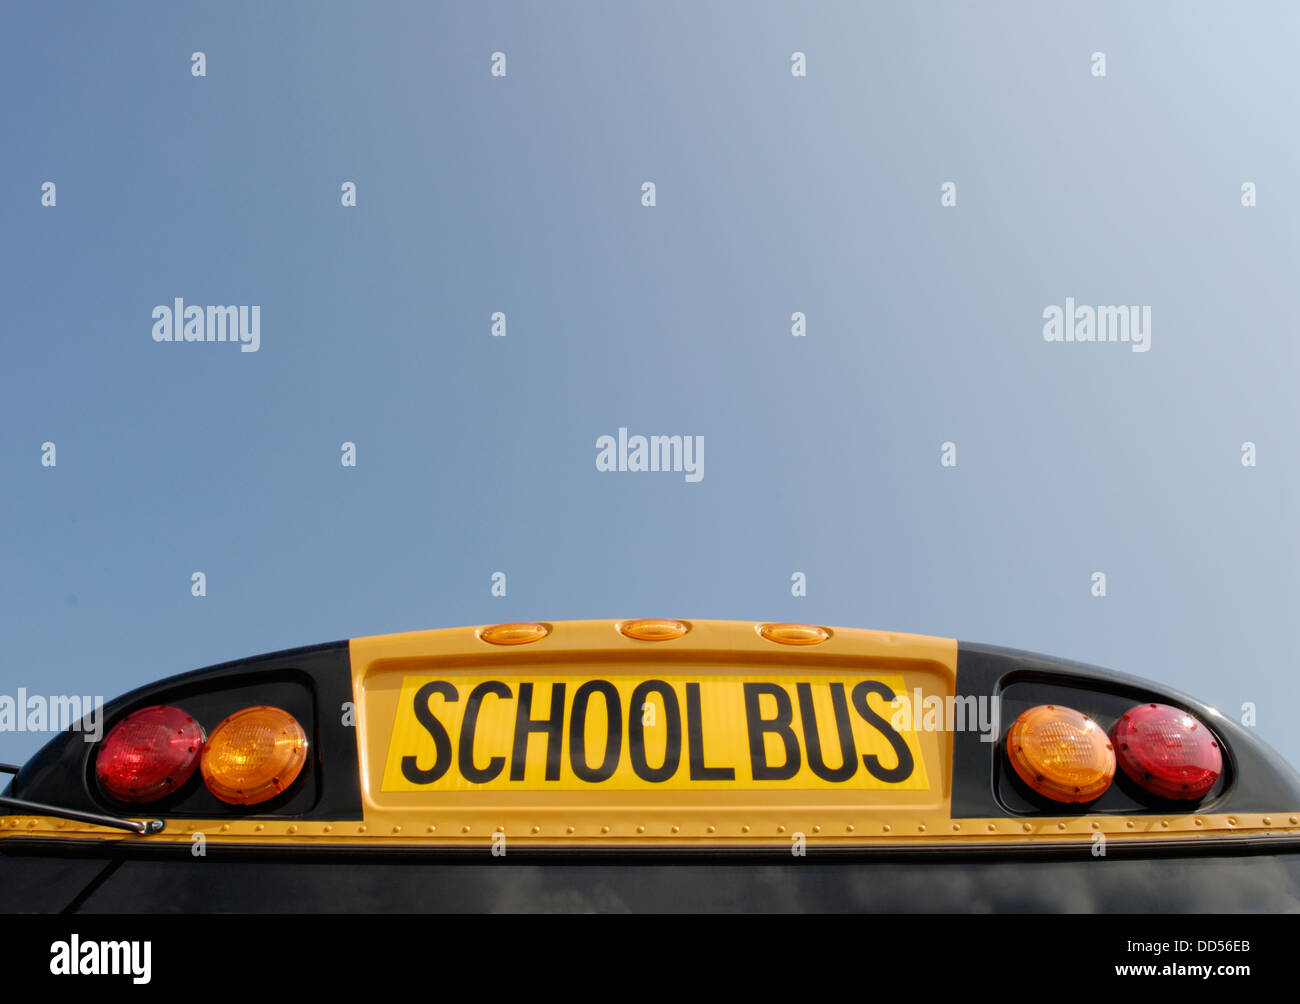 School bus - Stock Image